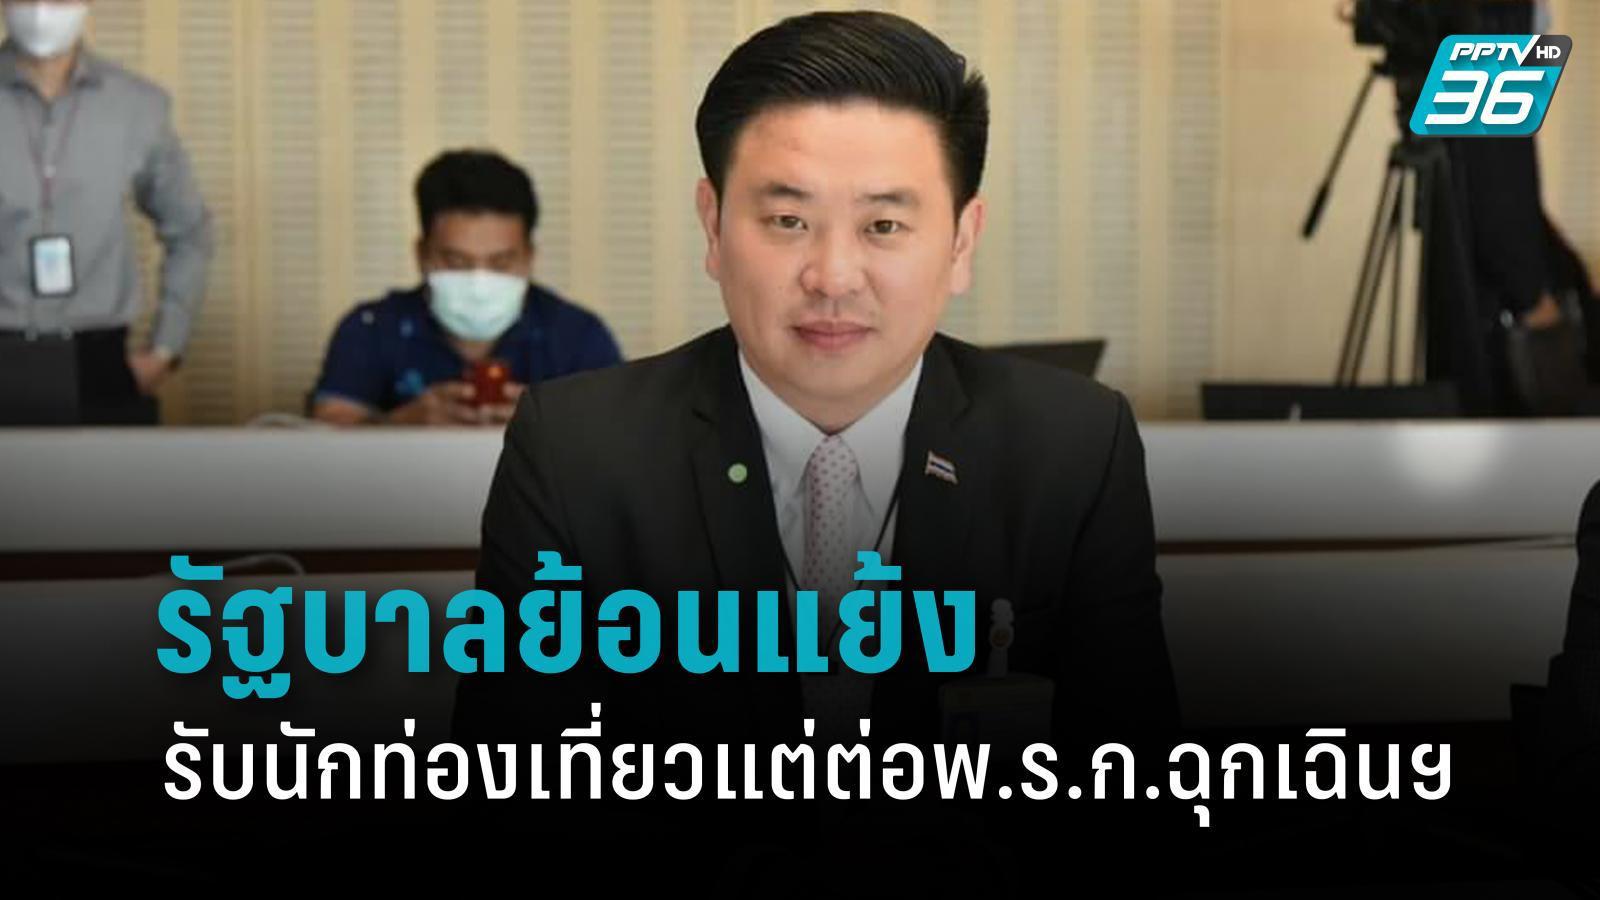 """""""เพื่อไทย"""" ซัด รัฐบาล ย้อนแย้ง เปิดรับท่องเที่ยวแต่ต่อพ.ร.ก.ฉุกเฉินฯ"""